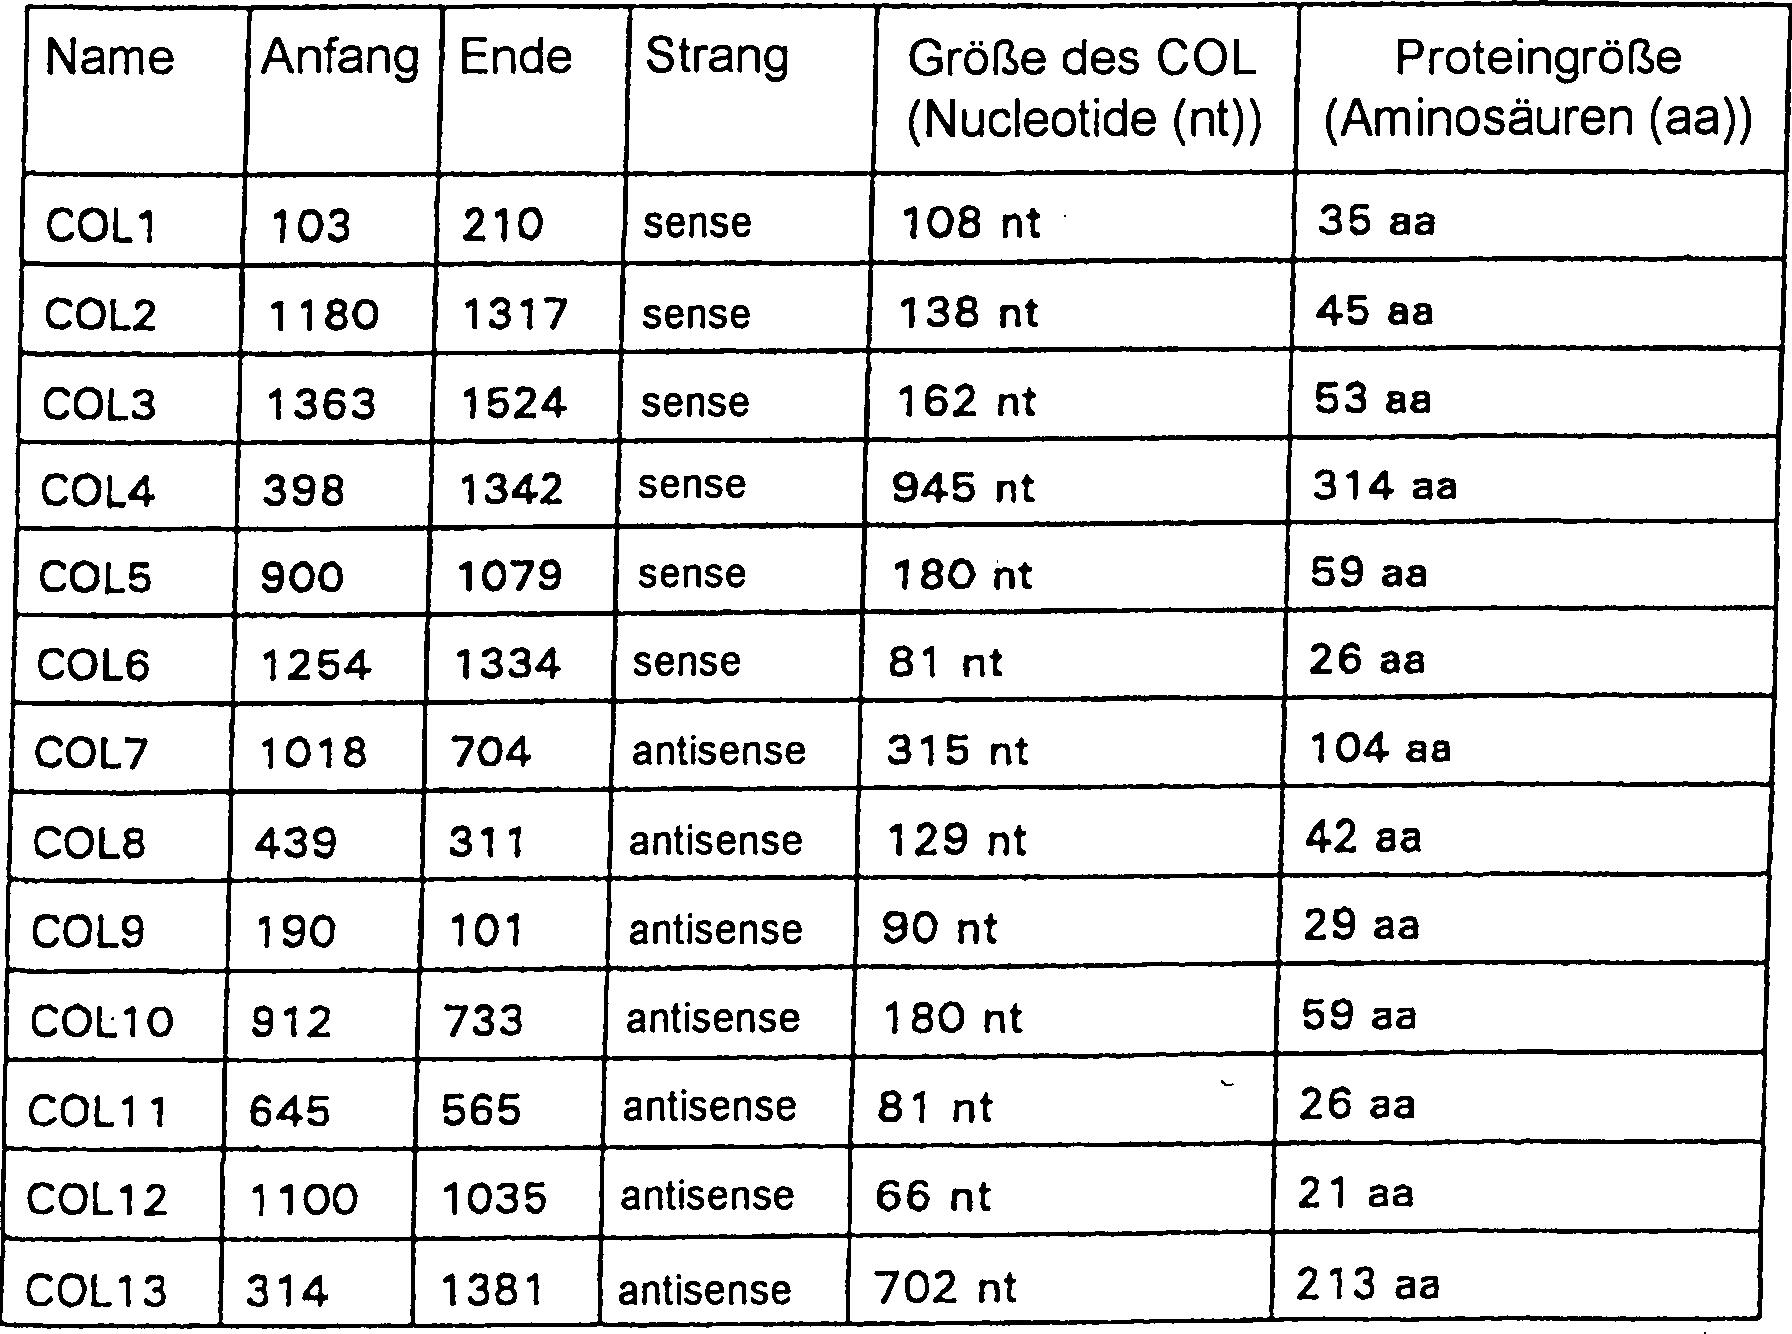 Die Determinanten des Gewichtsverlusts